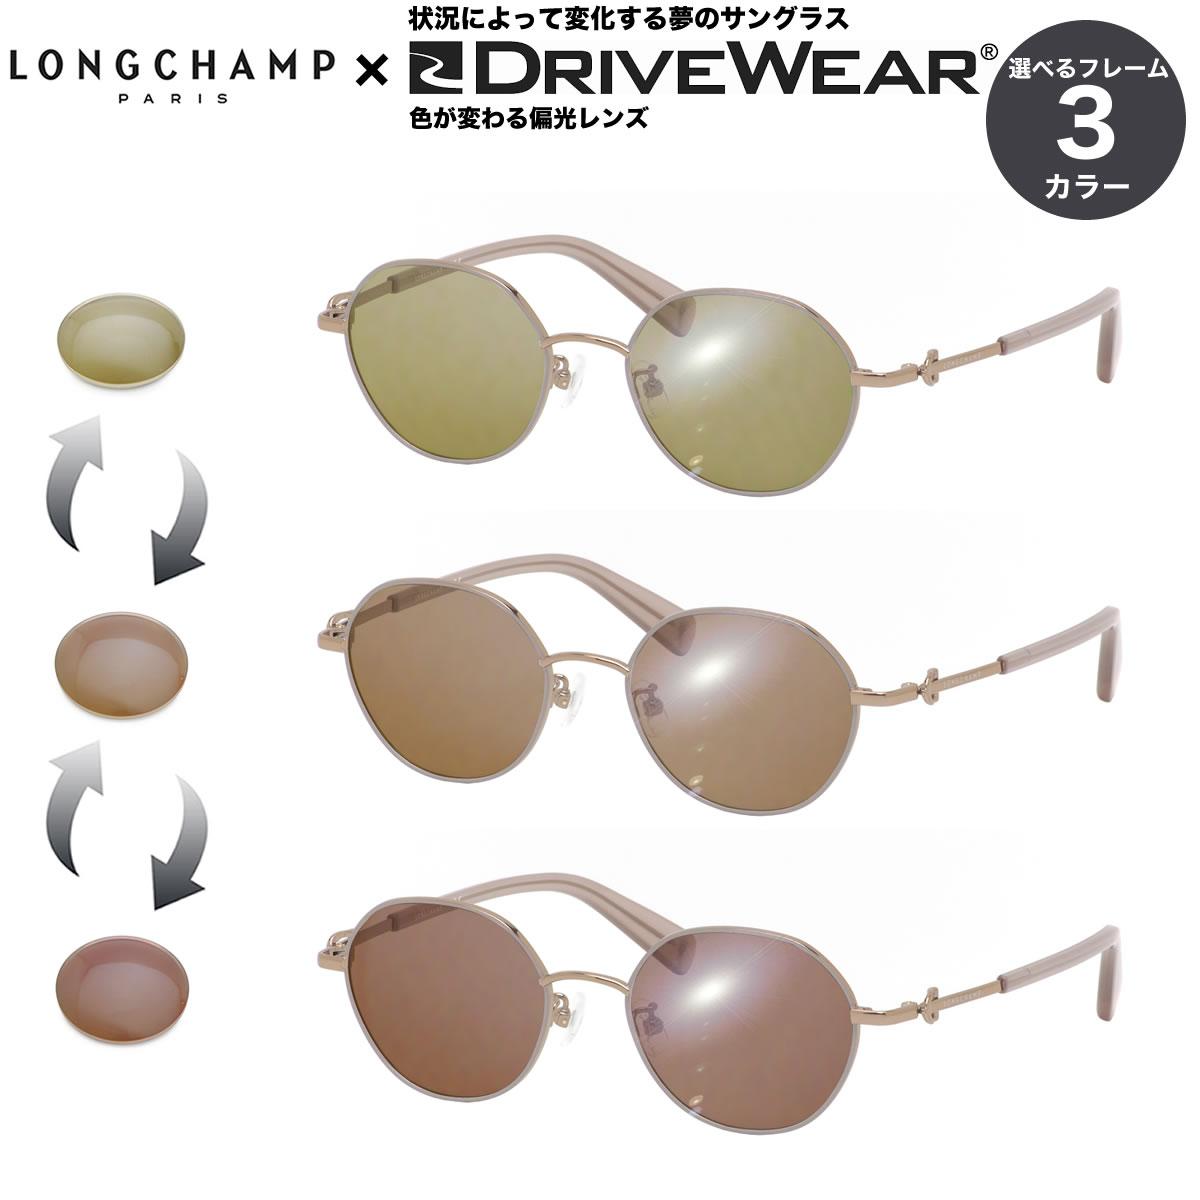 眼鏡・サングラス, サングラス  LO2505J DRIVEWEAR UV LONGCHAMP UV400 OS